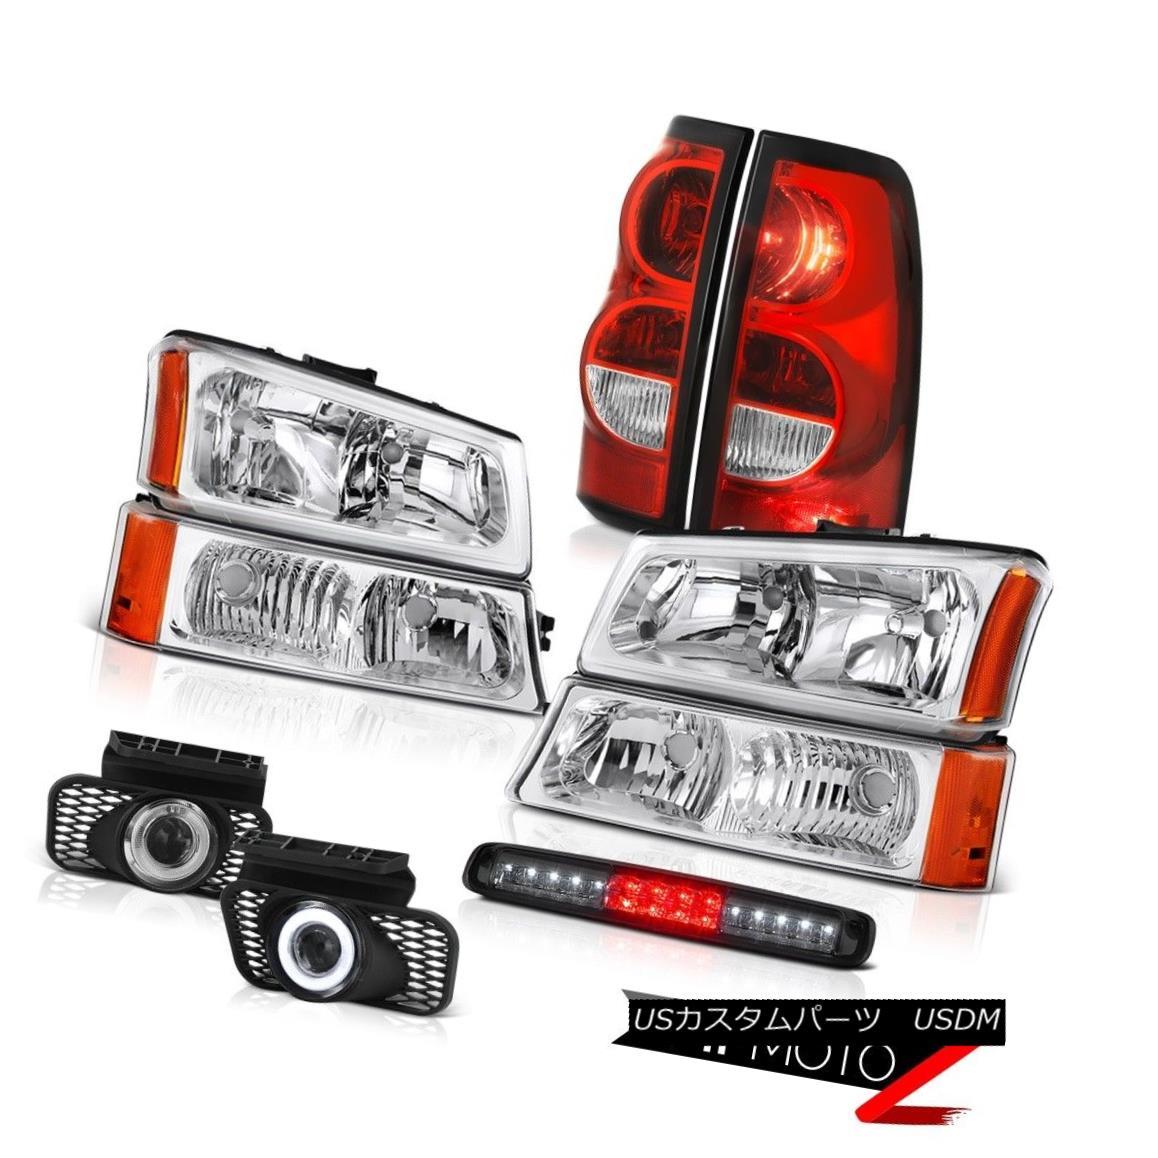 テールライト 03 04 05 06 Silverado Roof Cab Lamp Chrome Fog Lights Parking Brake Headlamps 03 04 05 06シルバラードルーフキャブランプクロームフォグライトパーキングブレーキヘッドランプ